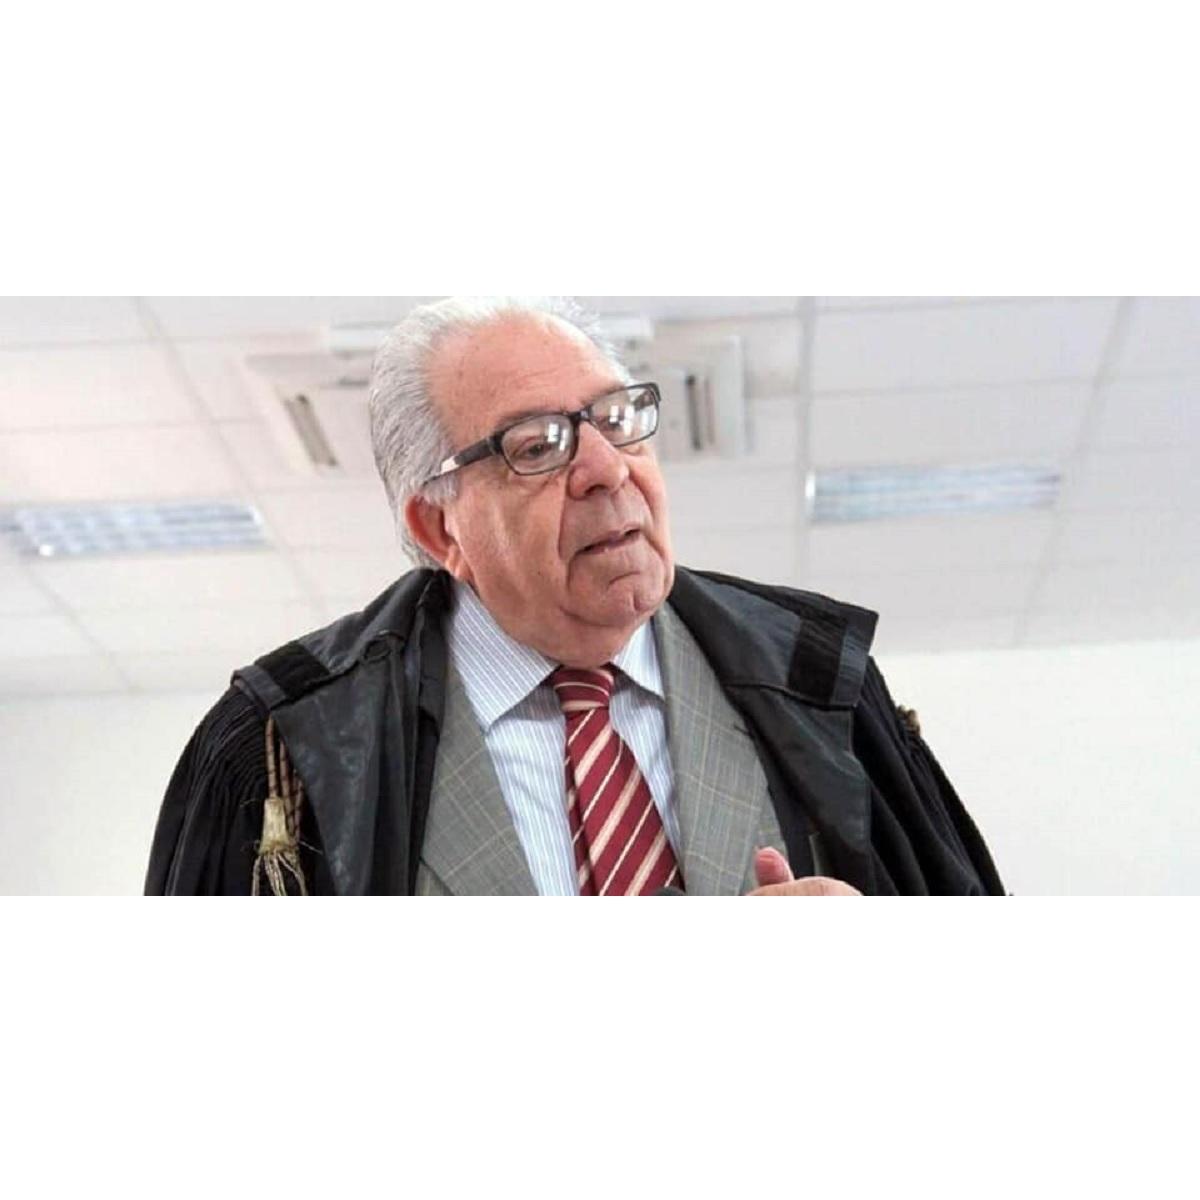 Morto a 95 anni l'avvocato Attilio Cecchini foto